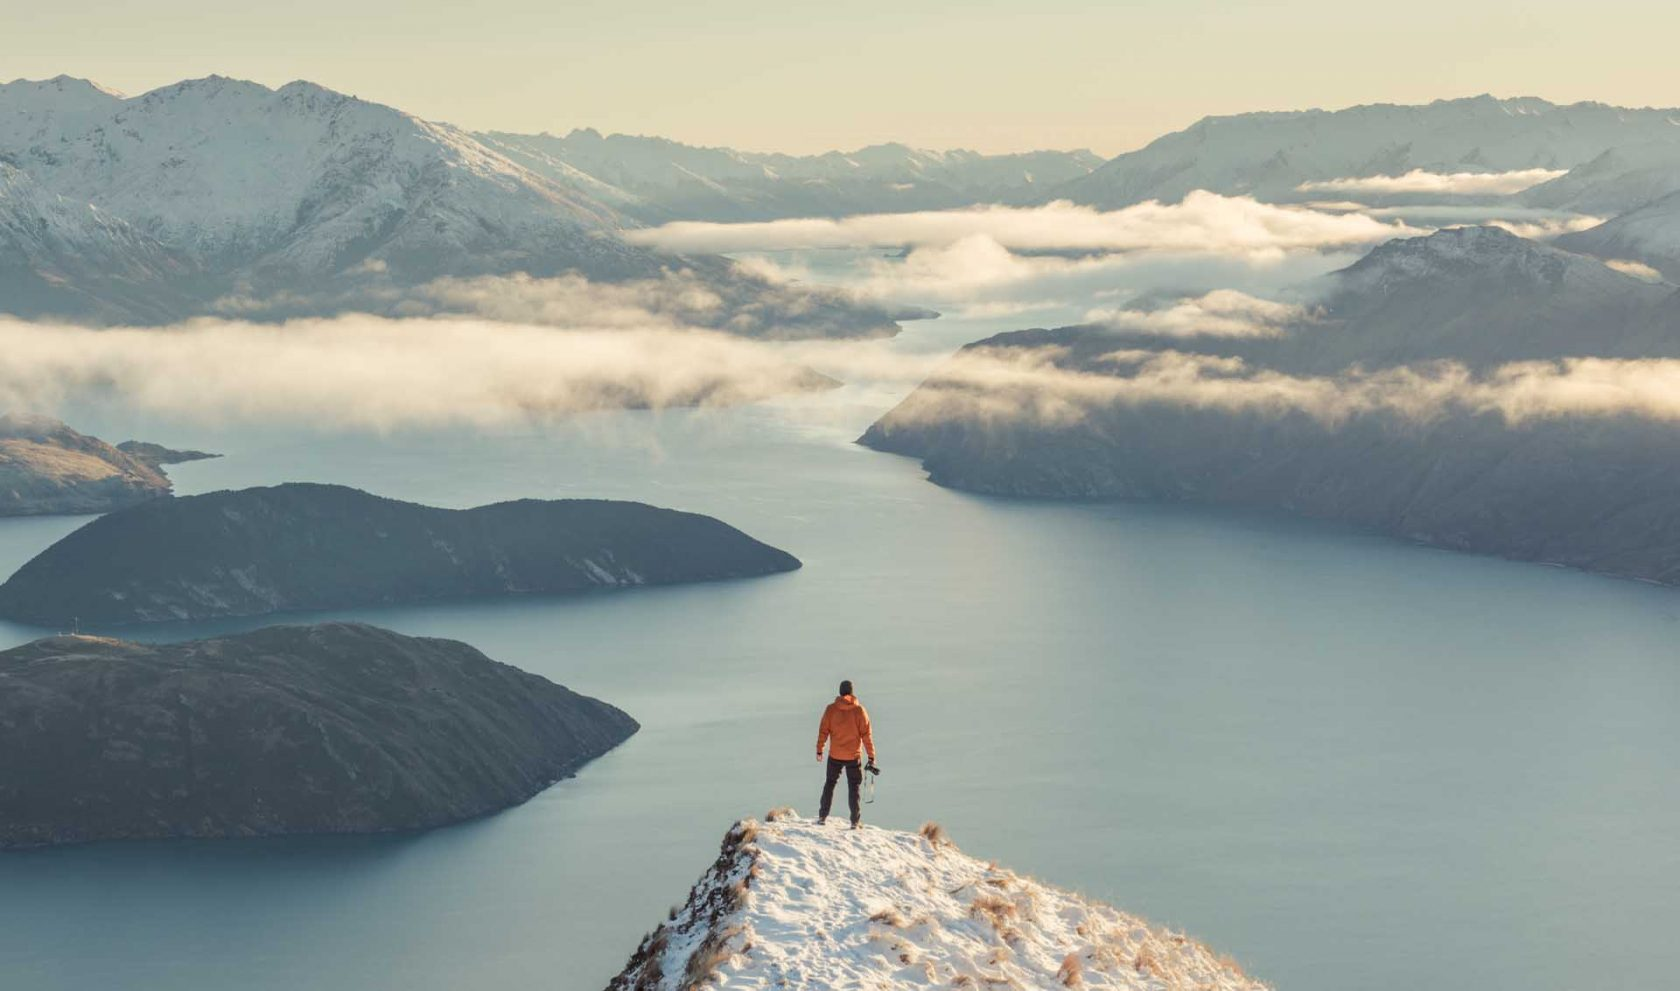 Những nơi tuyệt vời nhất để đi du lịch một mình - 6